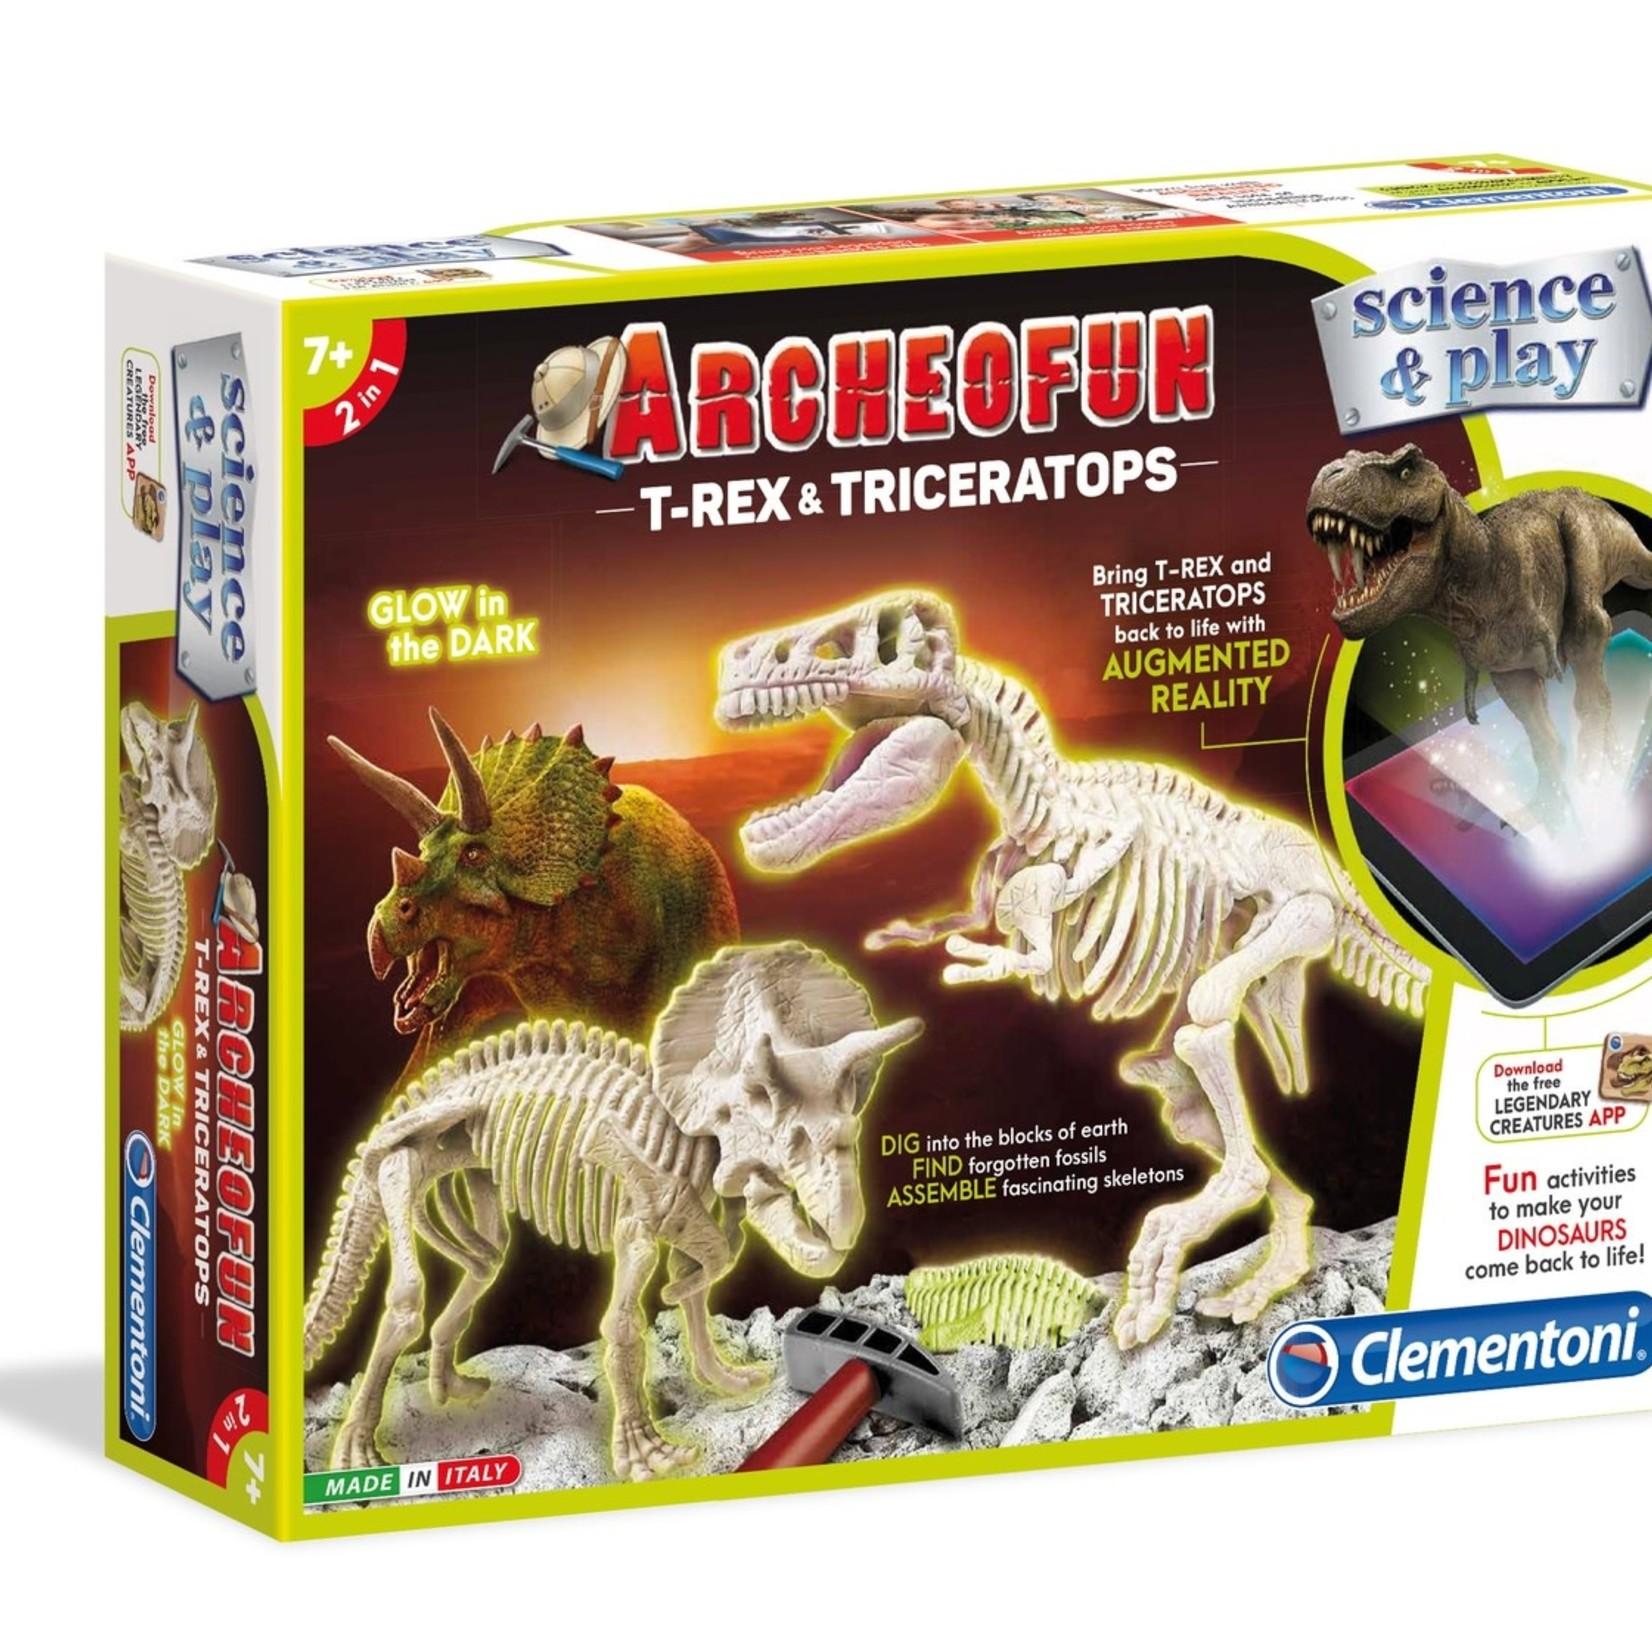 Archofun T-Rex & Triceratops - Glow in the Dark